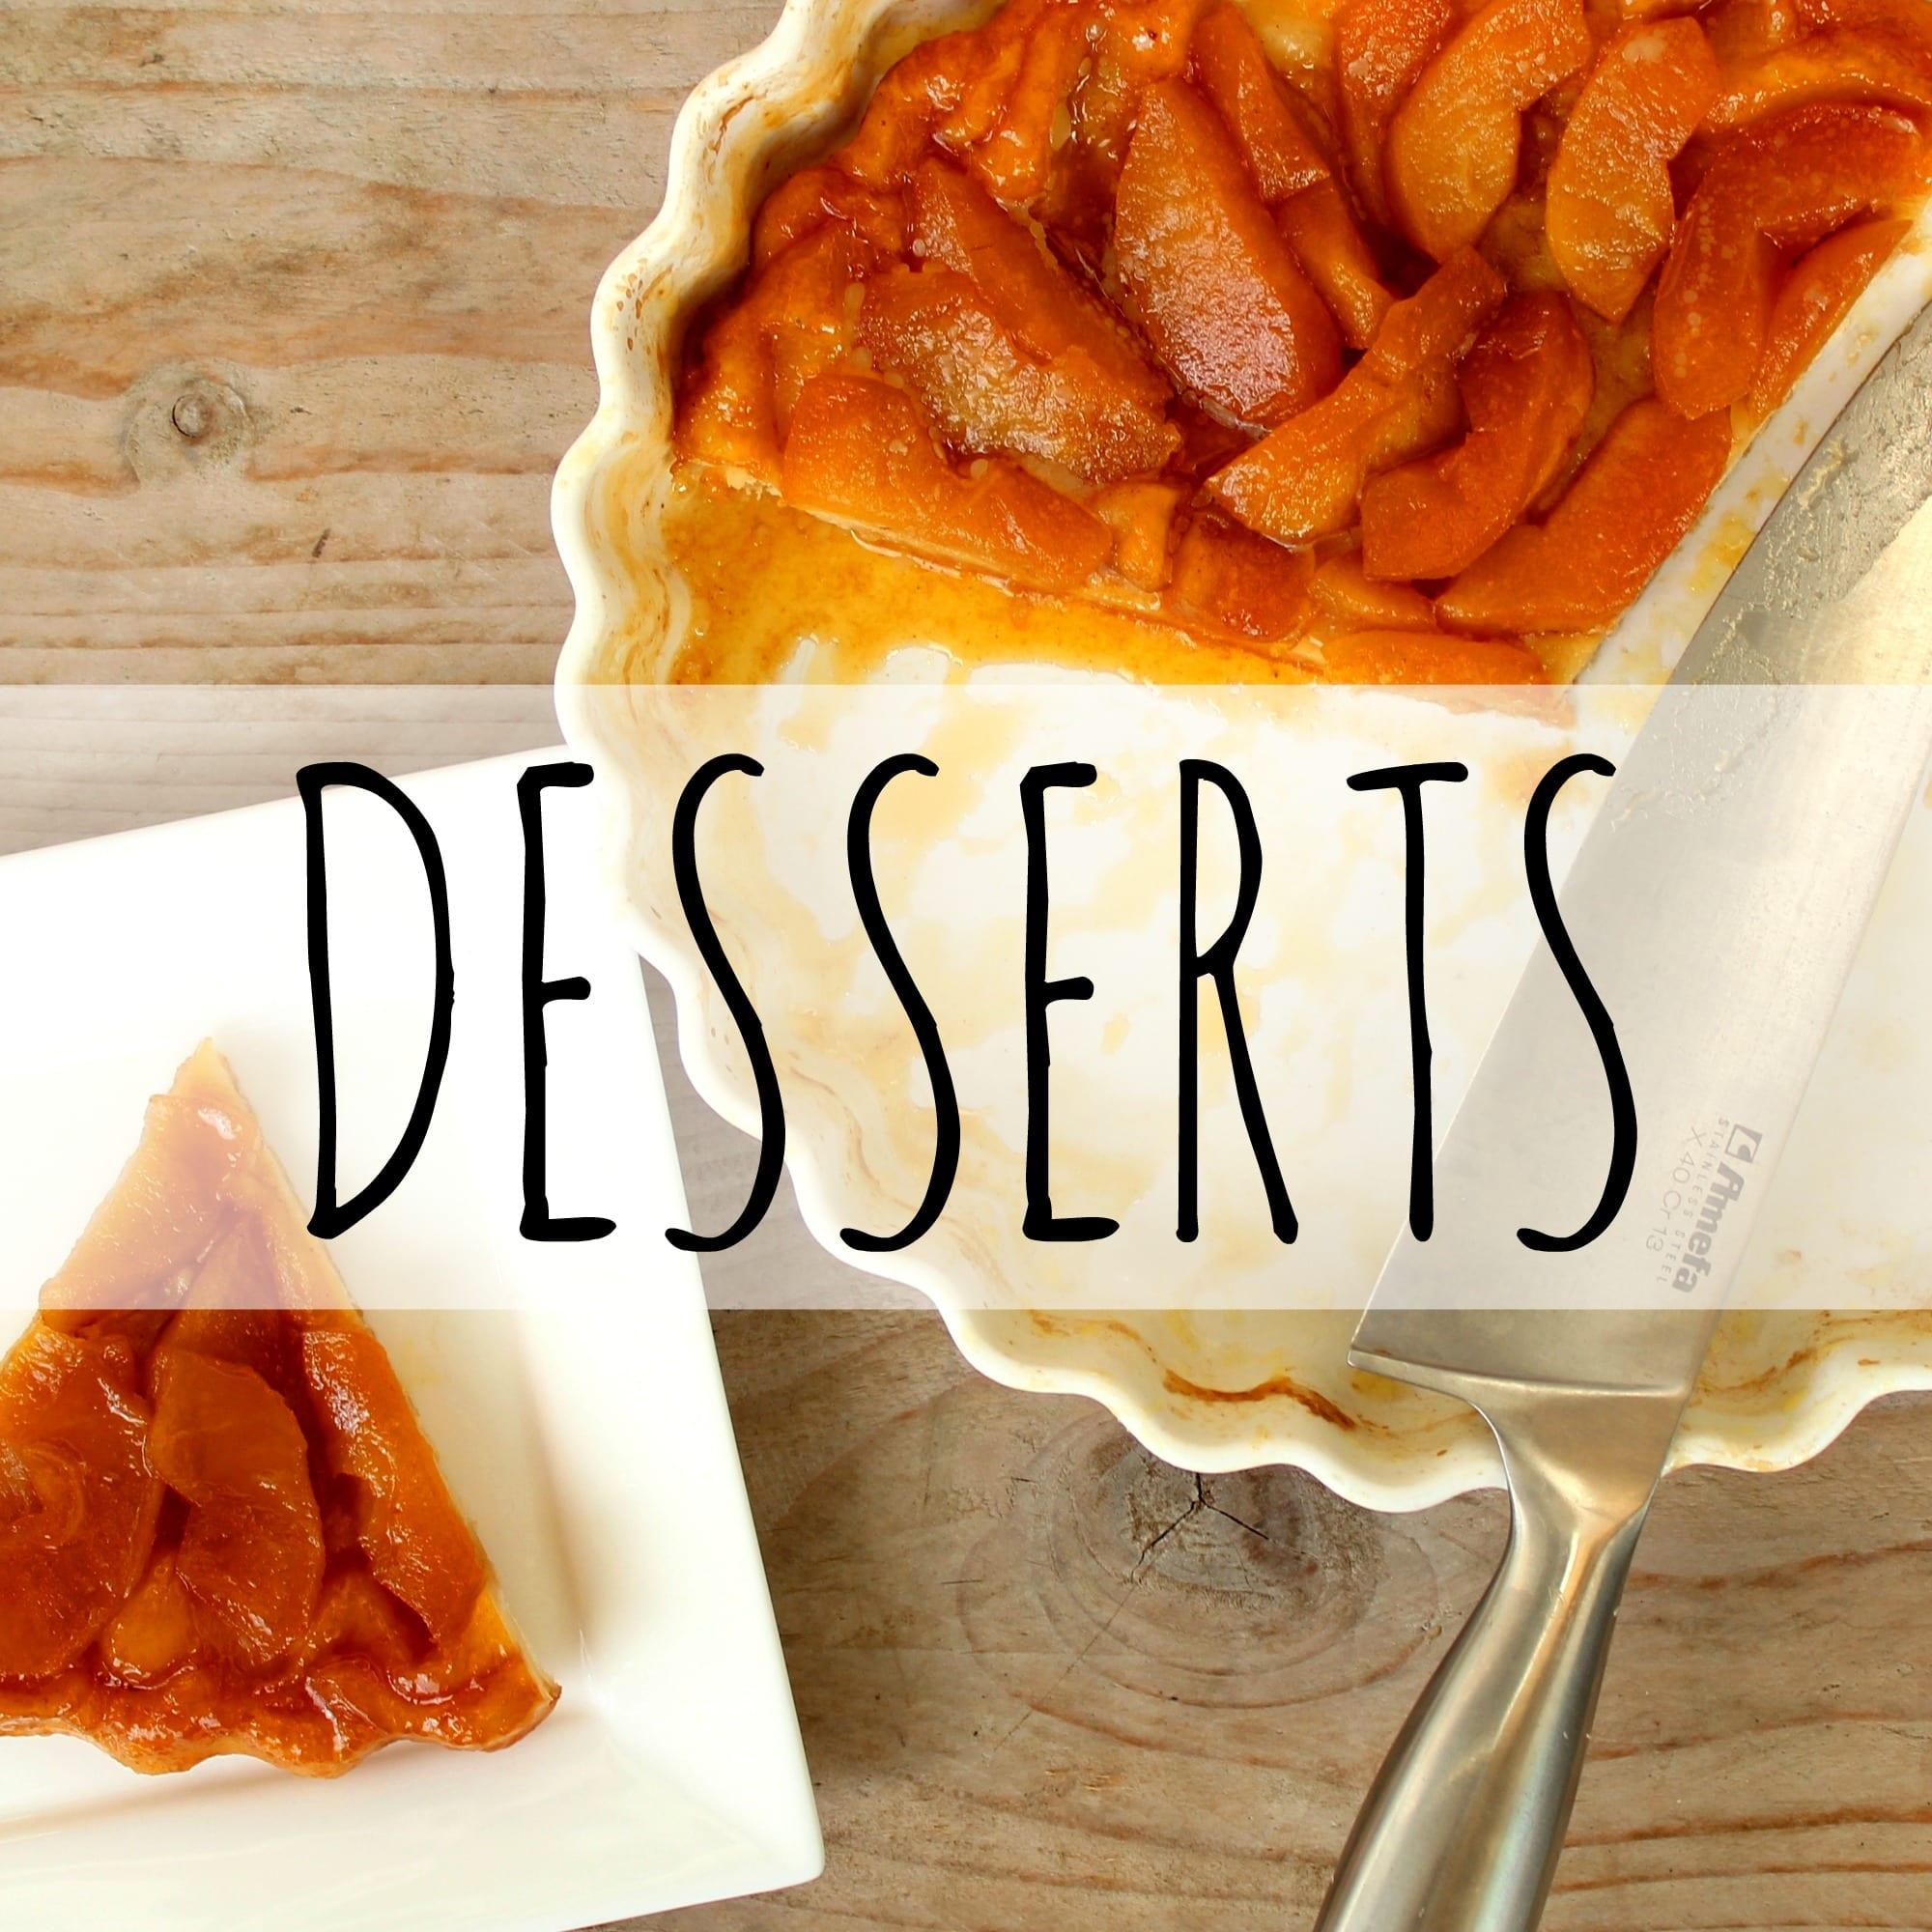 overzicht desserts